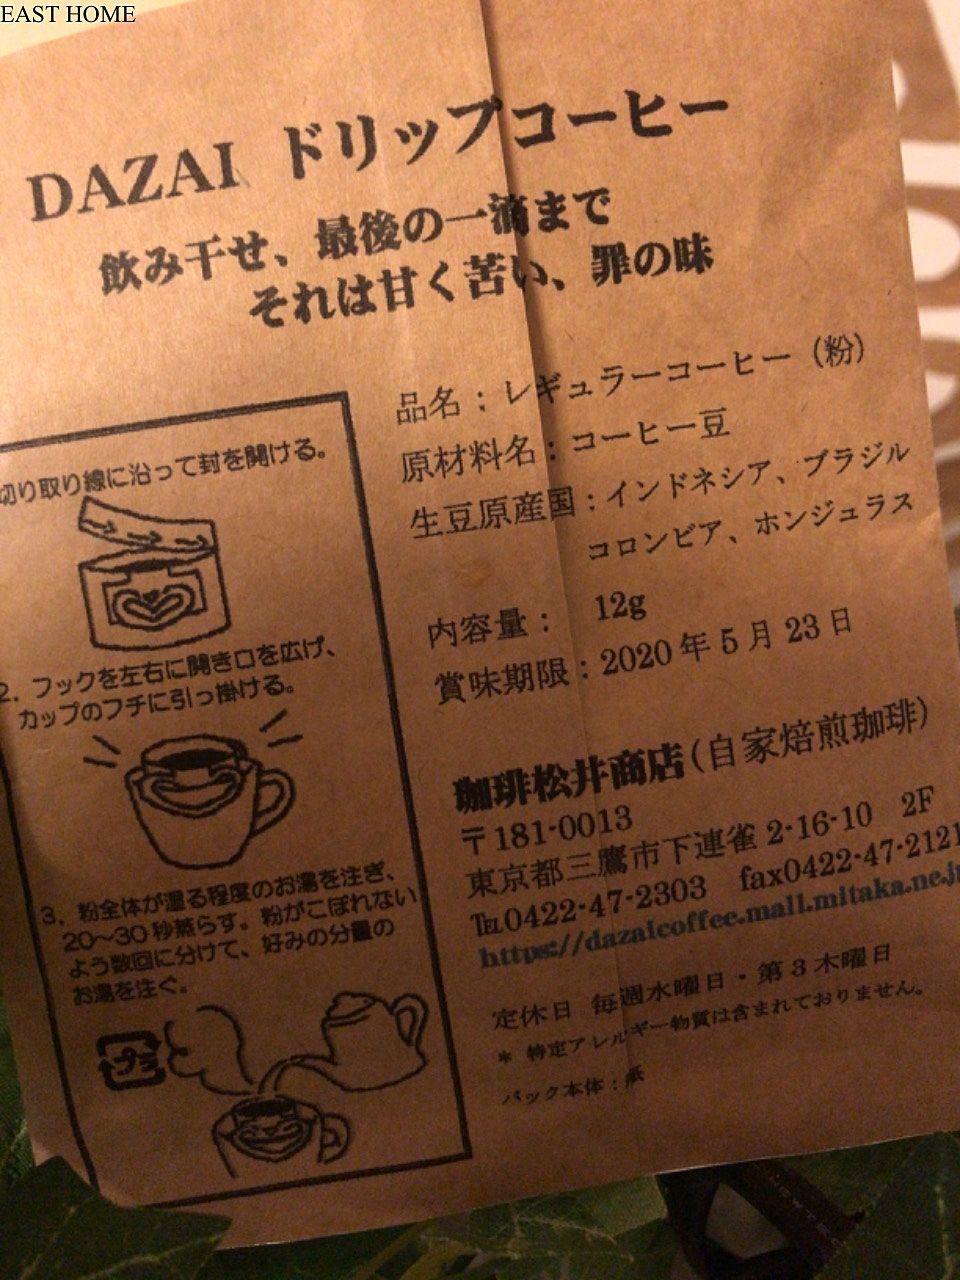 三鷹市 自家焙煎珈琲 松井商店のDazai COFFEE